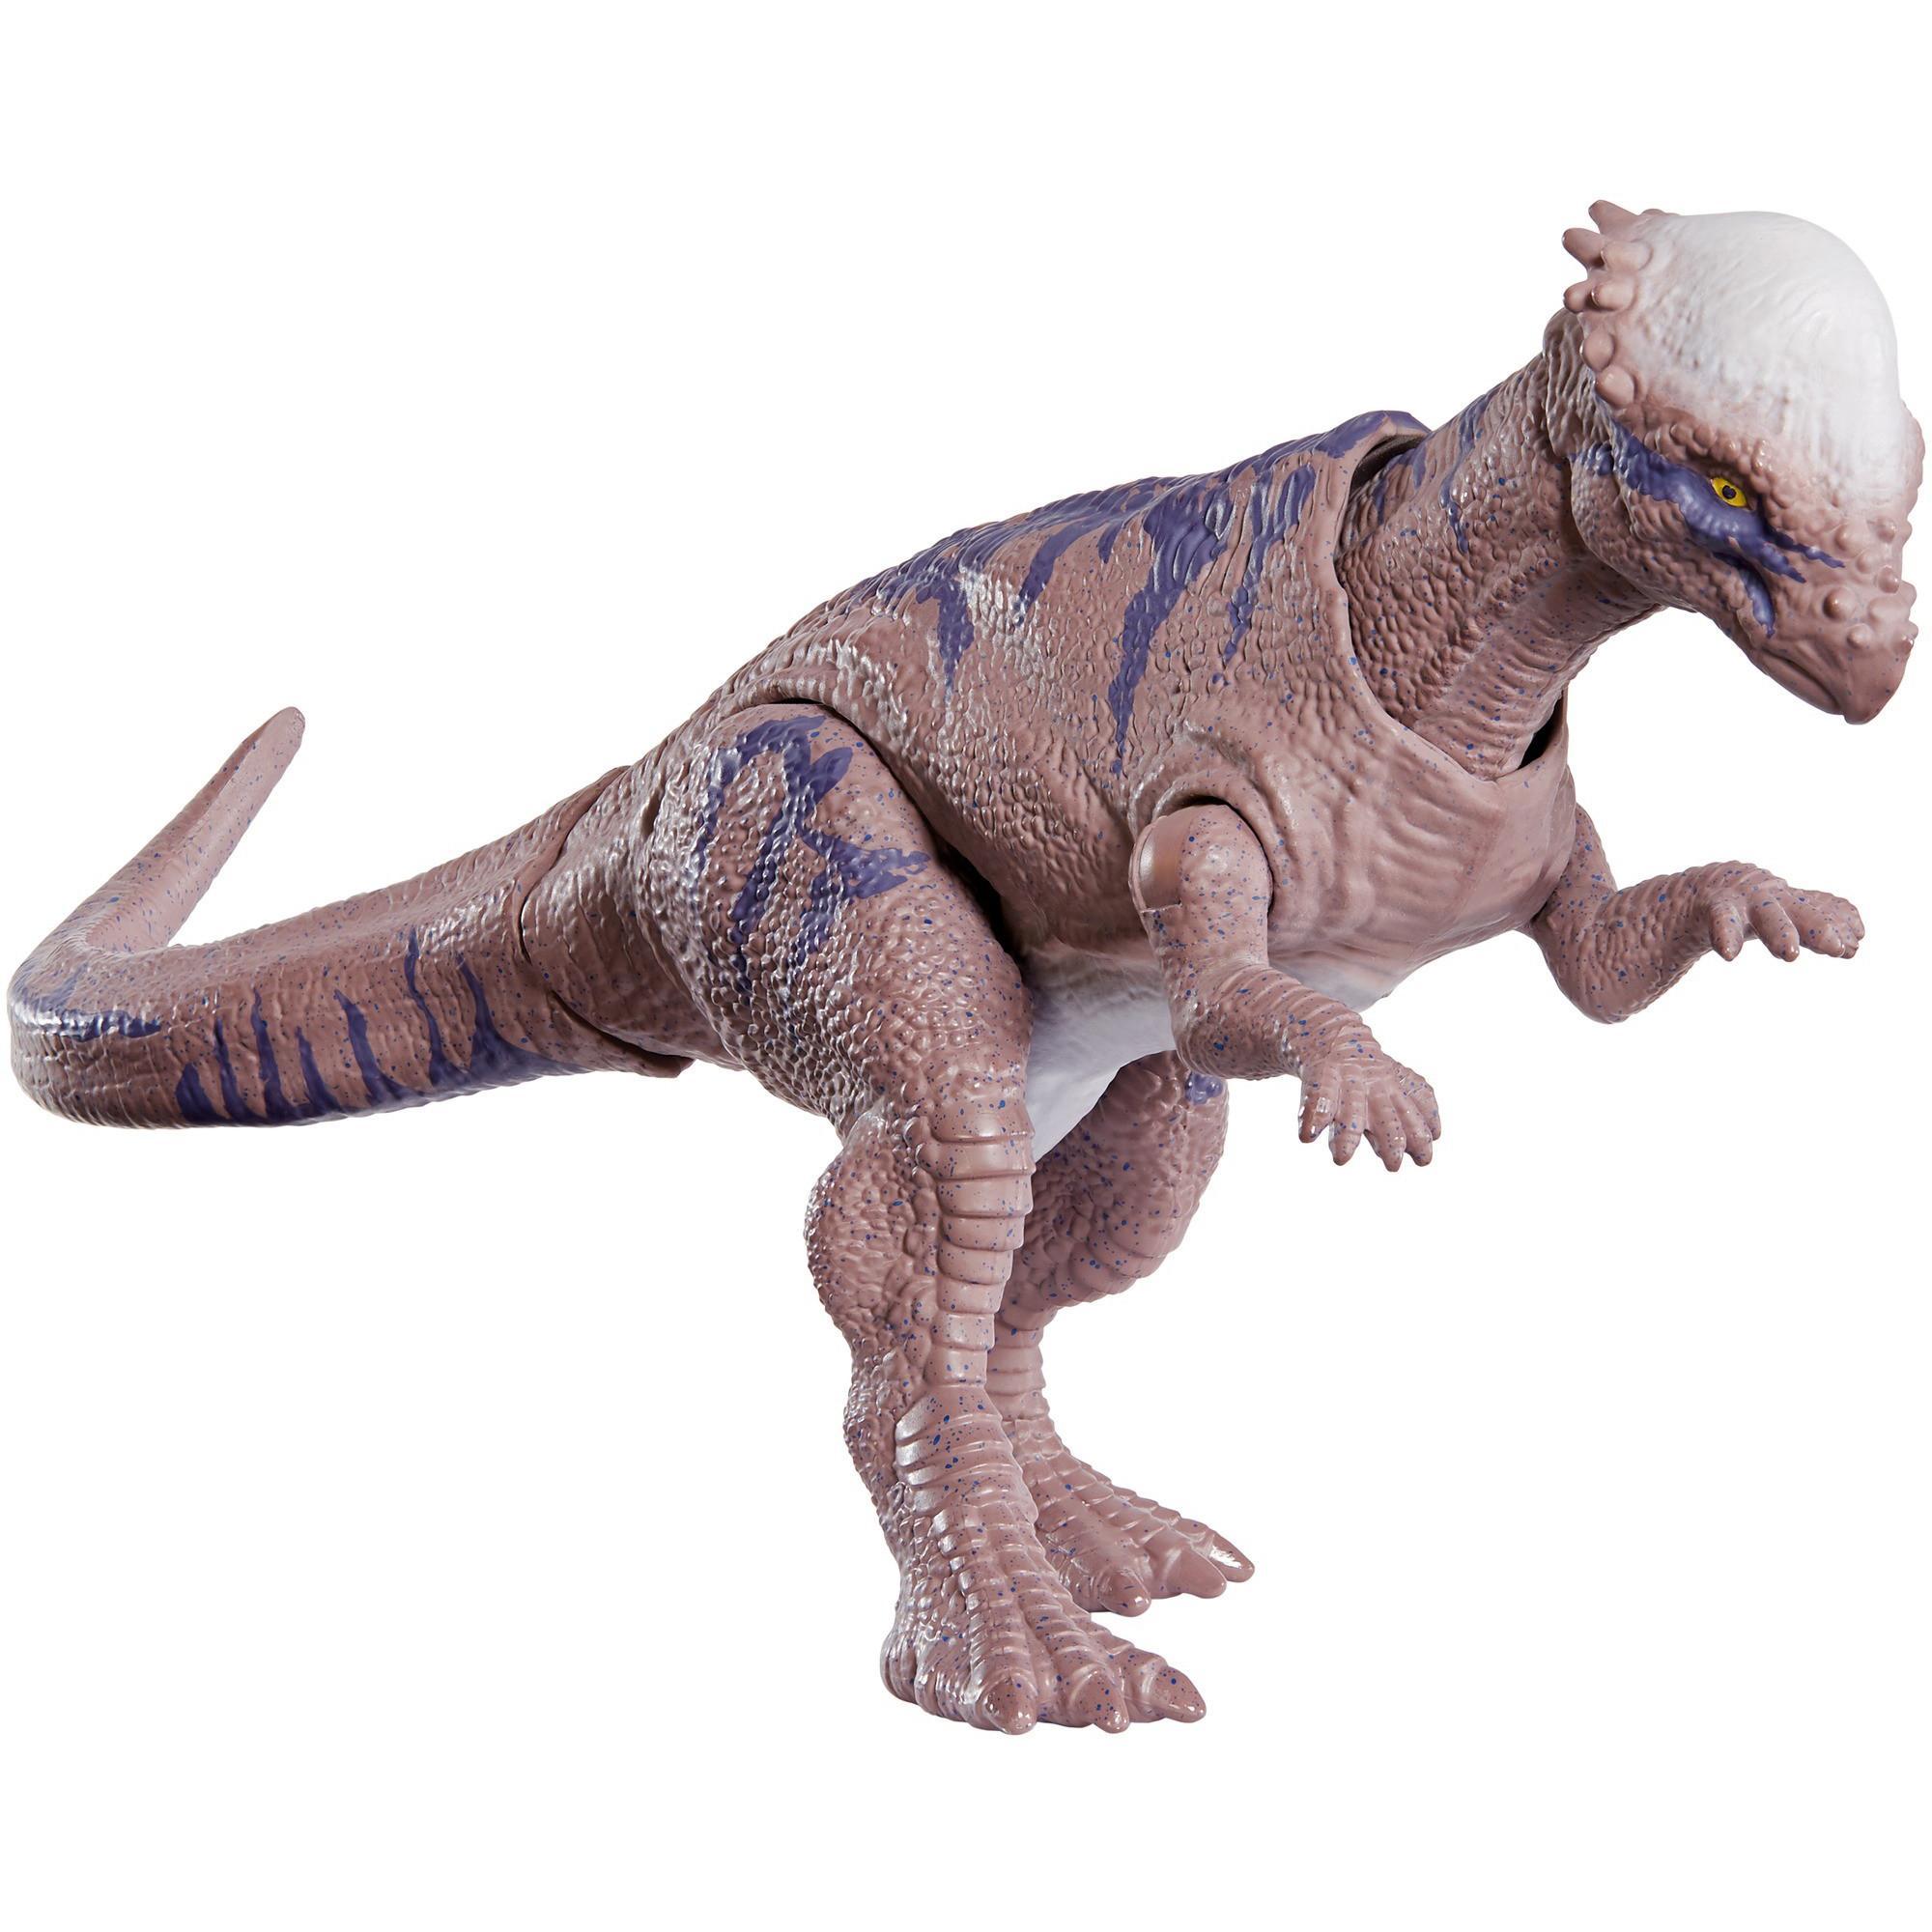 JURASSIC WORLD Dino rivali DUAL ATTACCO concavenator corcovatus VER 2 Kids Dinosauro RARO